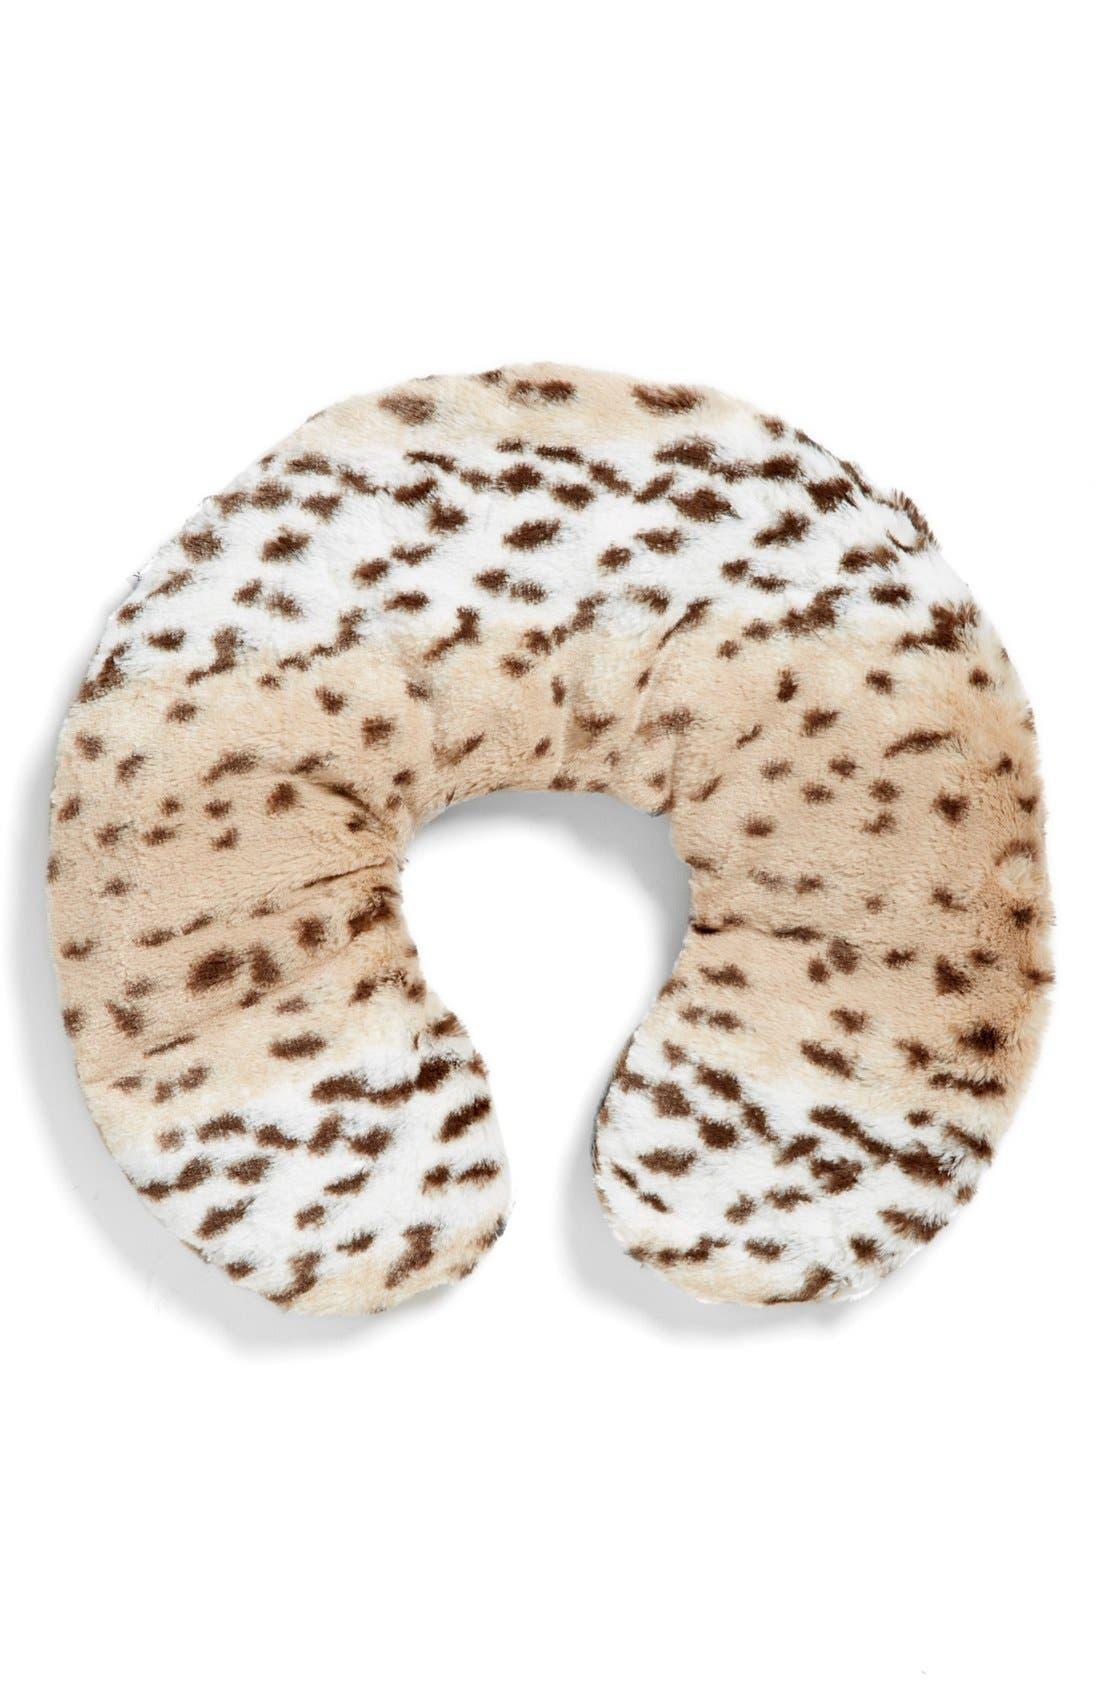 'Snow Leopard' Neck Pillow,                             Main thumbnail 1, color,                             000